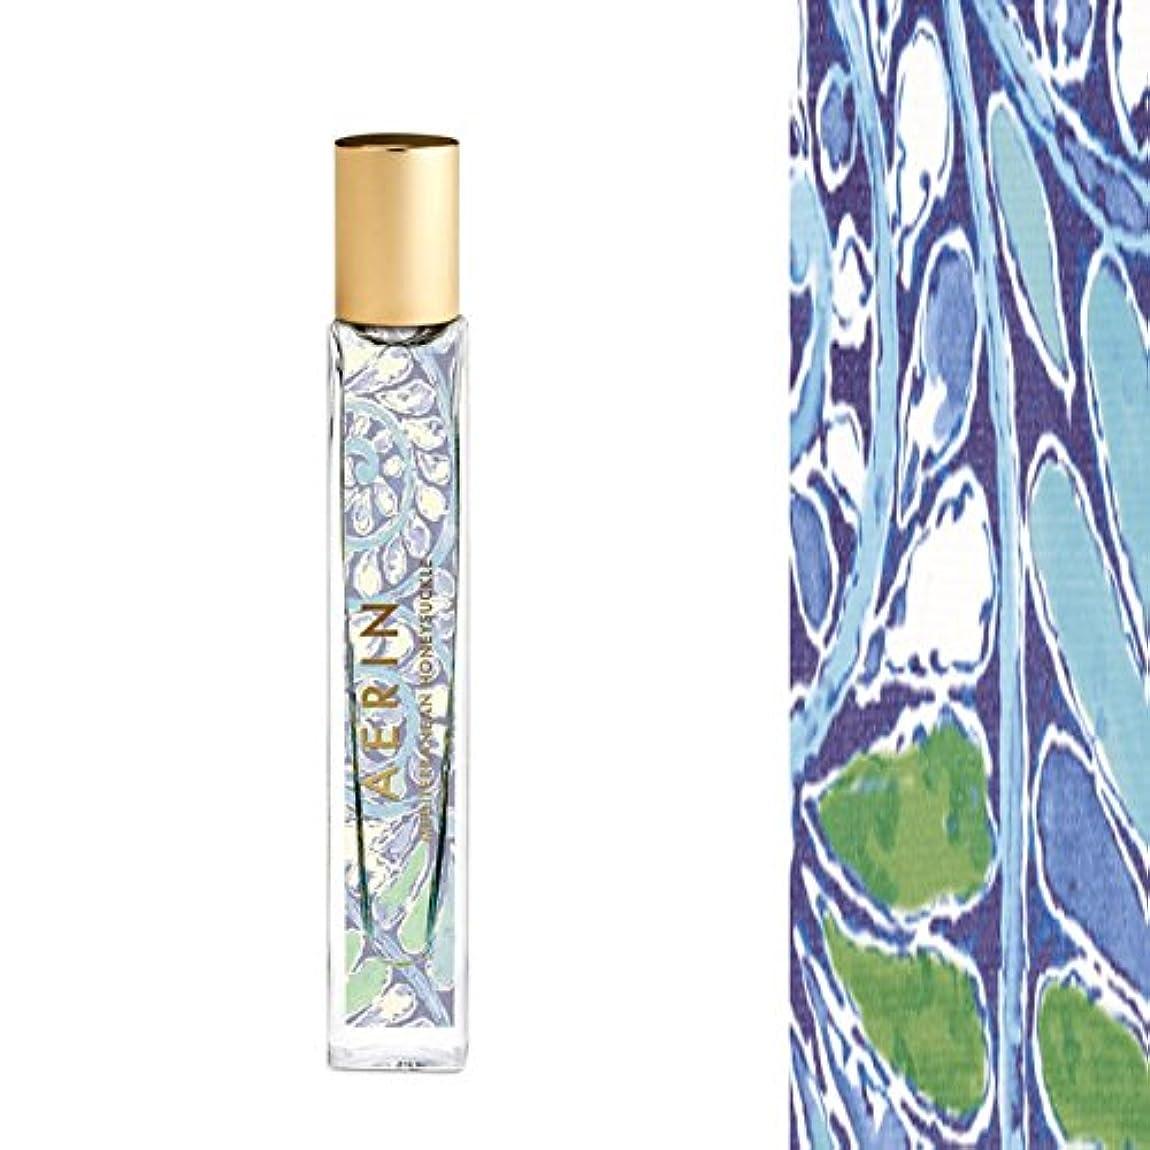 ダッシュ摂氏度該当するAERIN Beauty Mediterranean Honeysuckle Eau de Parfum Rollerball, 0.27oz [海外直送品] [並行輸入品]